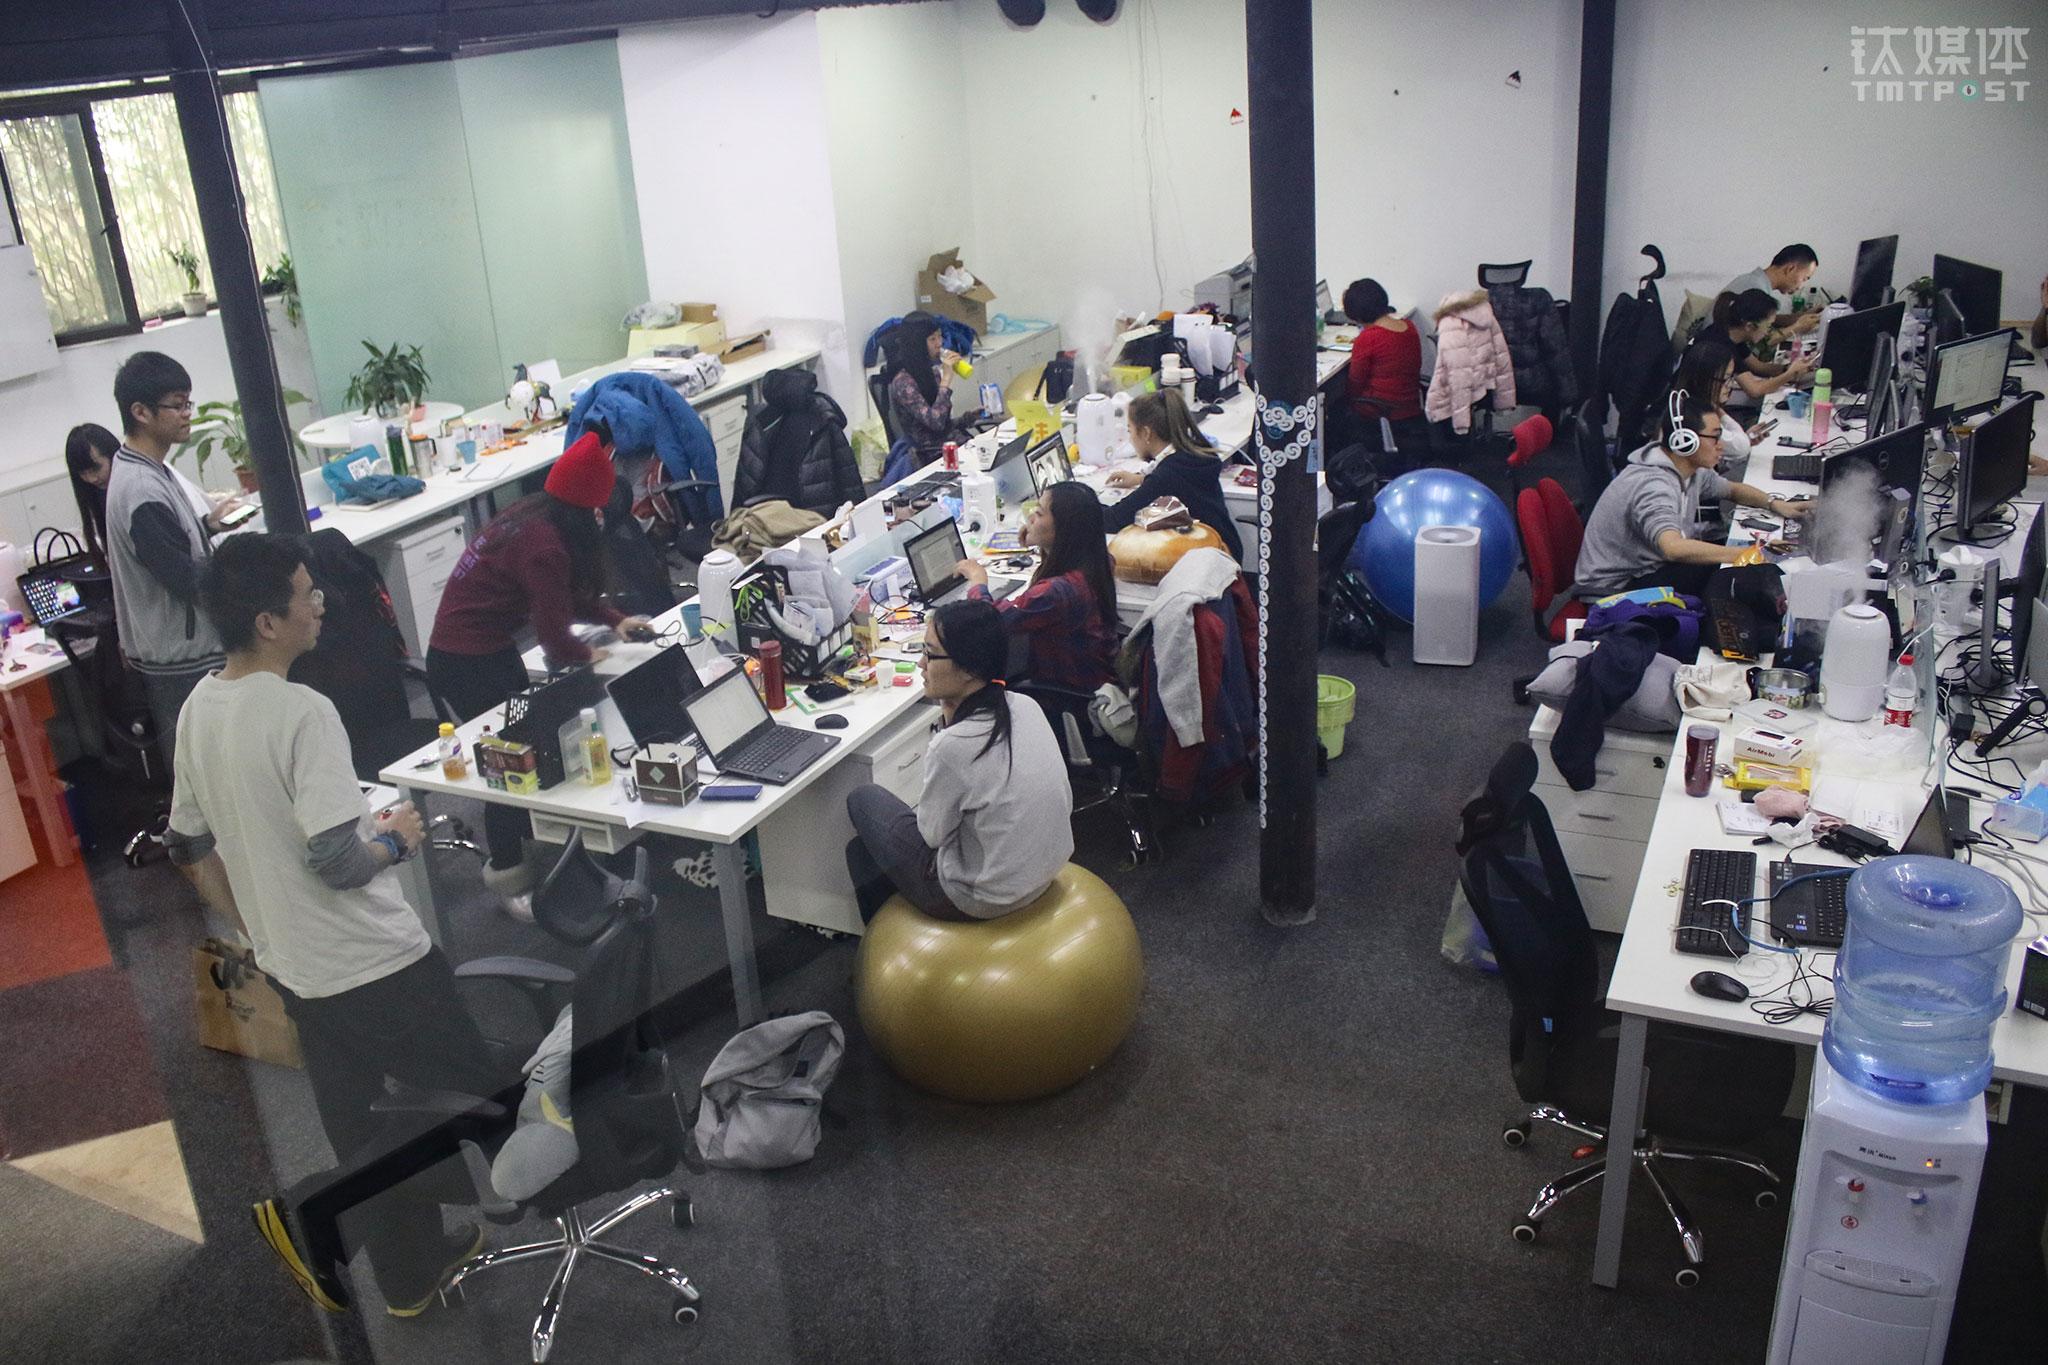 """2015年12月9日,""""滑雪助手""""办公室,创始人球叔王小源(最左)跟同事在交流。体育创业热方兴未艾,这间办公室最多的时候有20多个人。(滑雪冠军,37岁,在移动互联网上从零开始)"""